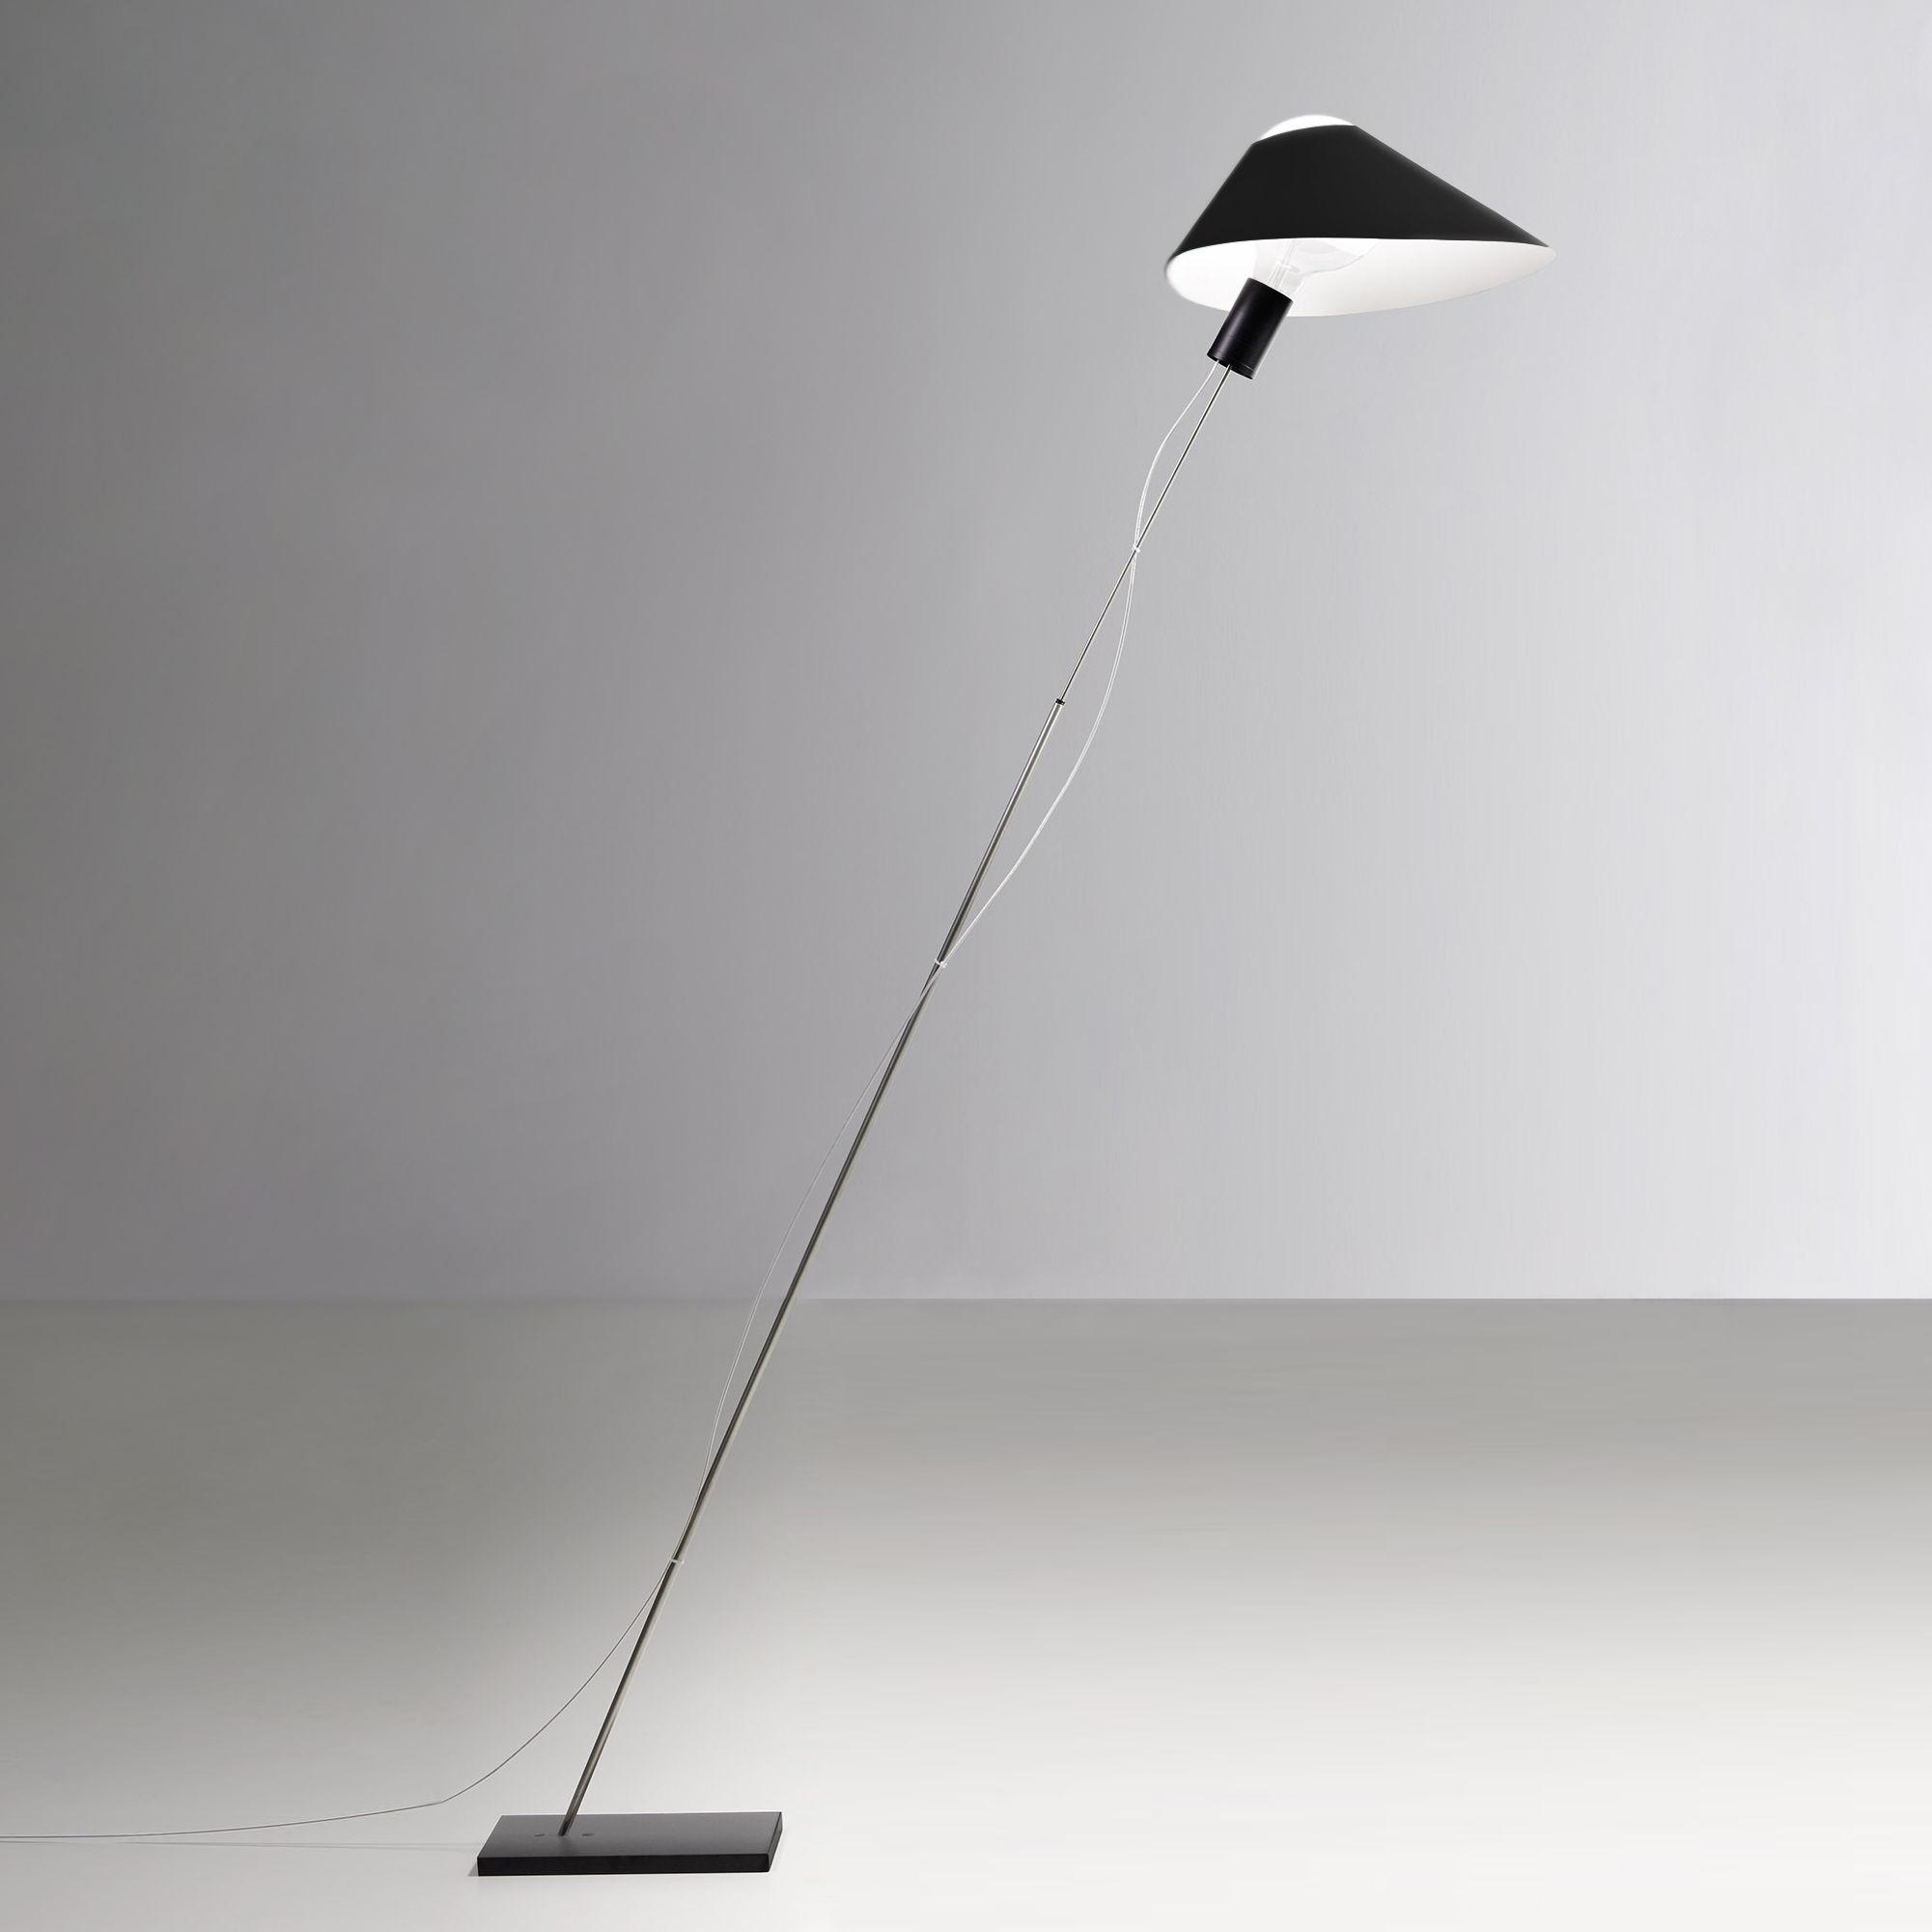 Leuchten - Stehleuchten - Glatzkopf Stehleuchte / Papier - Ingo Maurer - Schwarz - Metall, Papierfaser